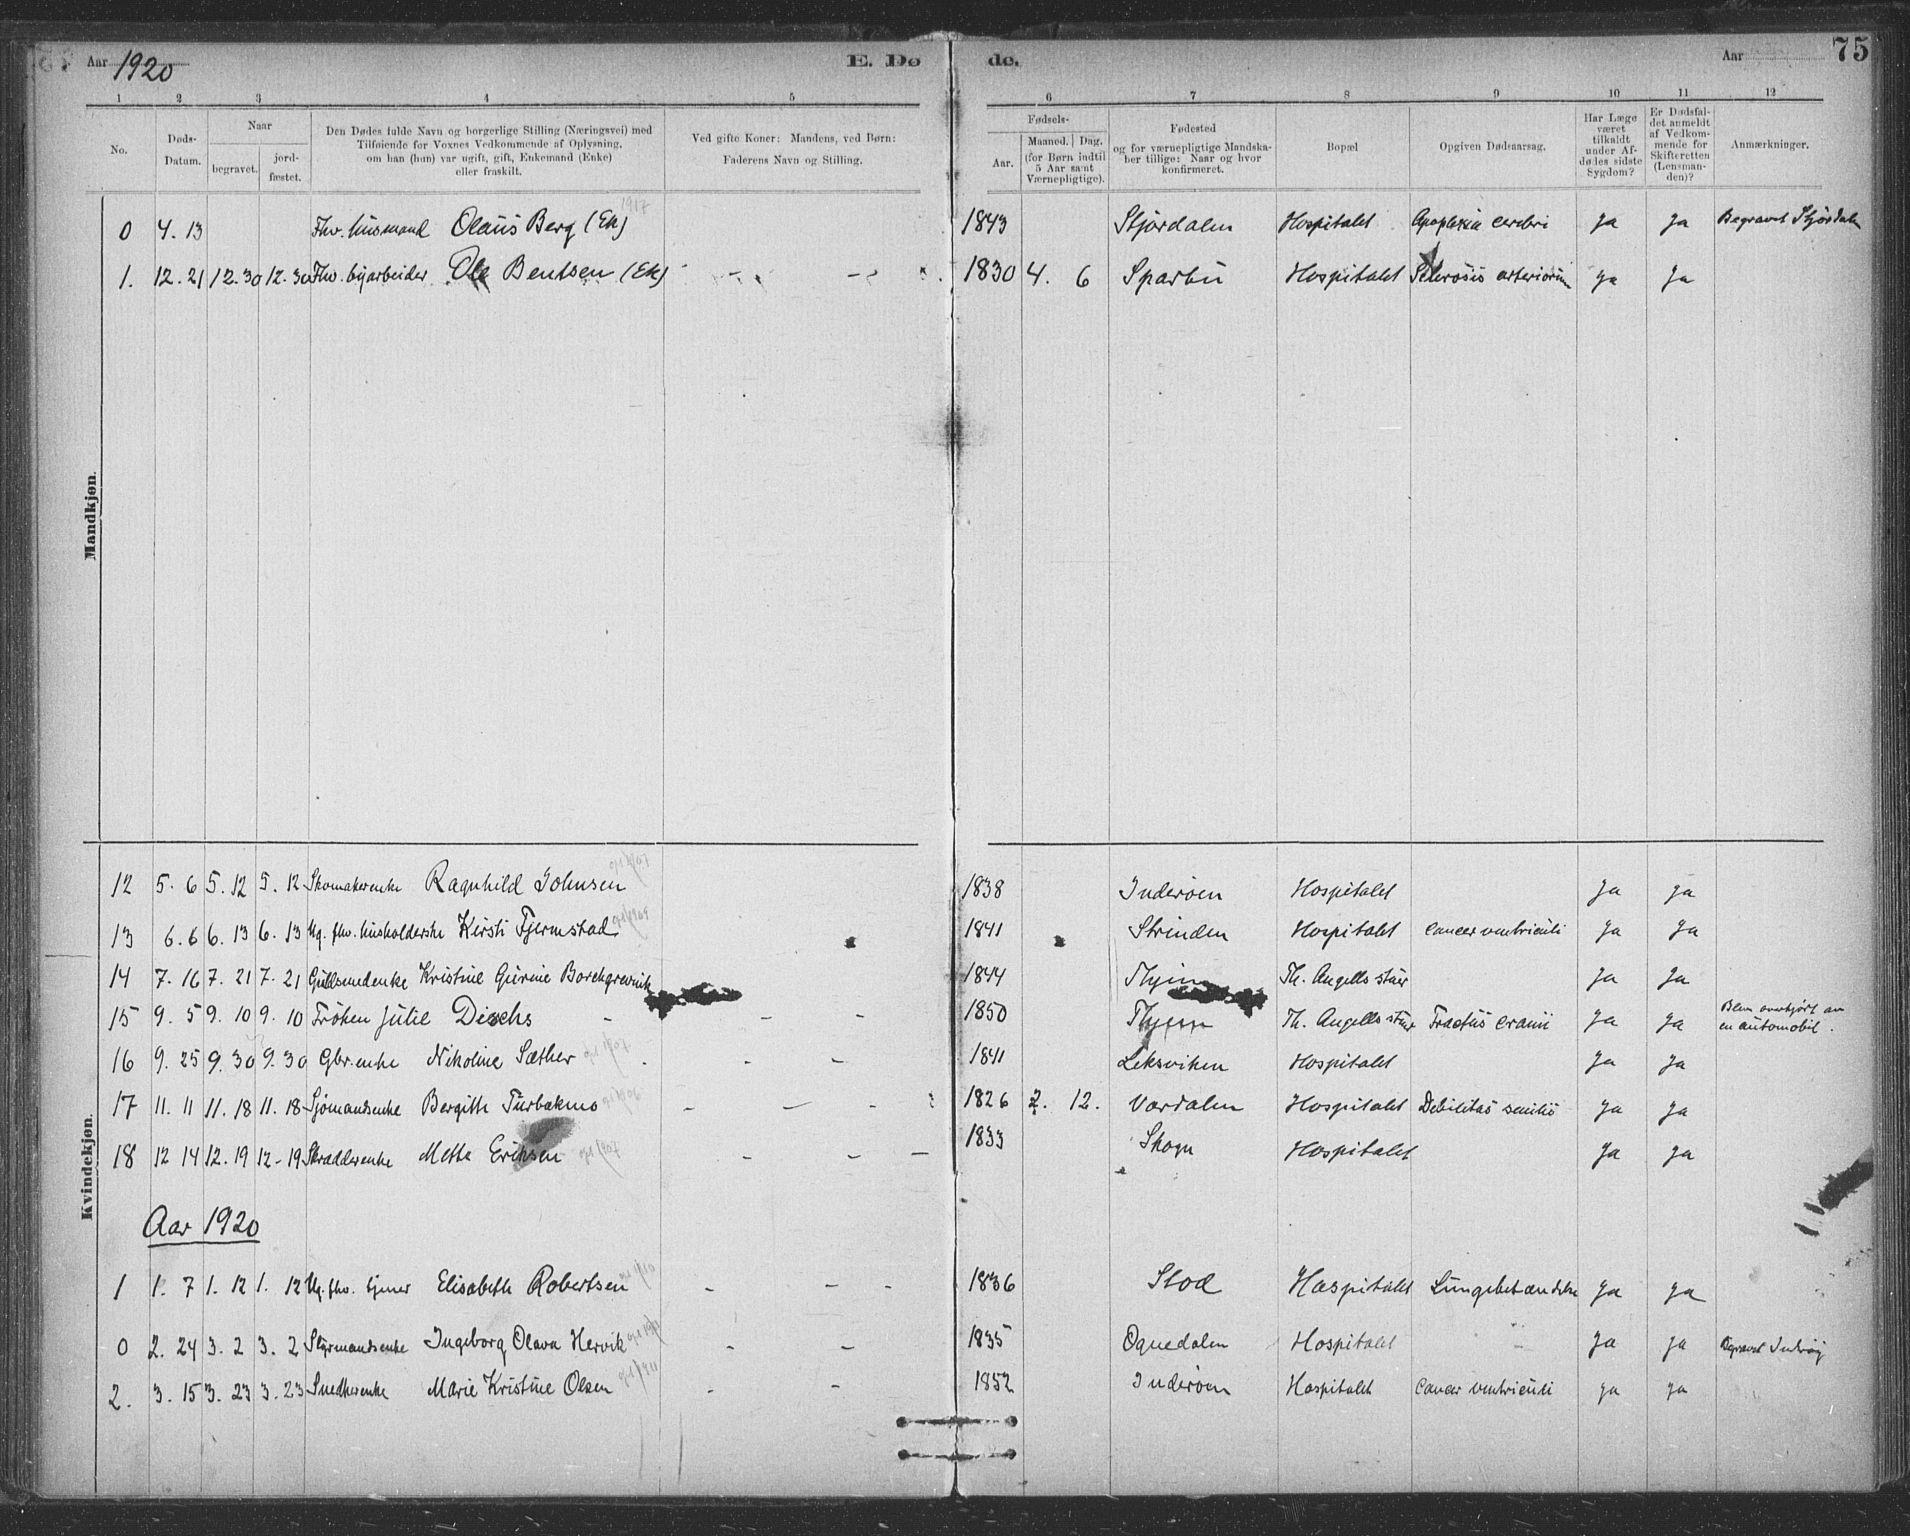 SAT, Ministerialprotokoller, klokkerbøker og fødselsregistre - Sør-Trøndelag, 623/L0470: Ministerialbok nr. 623A04, 1884-1938, s. 75